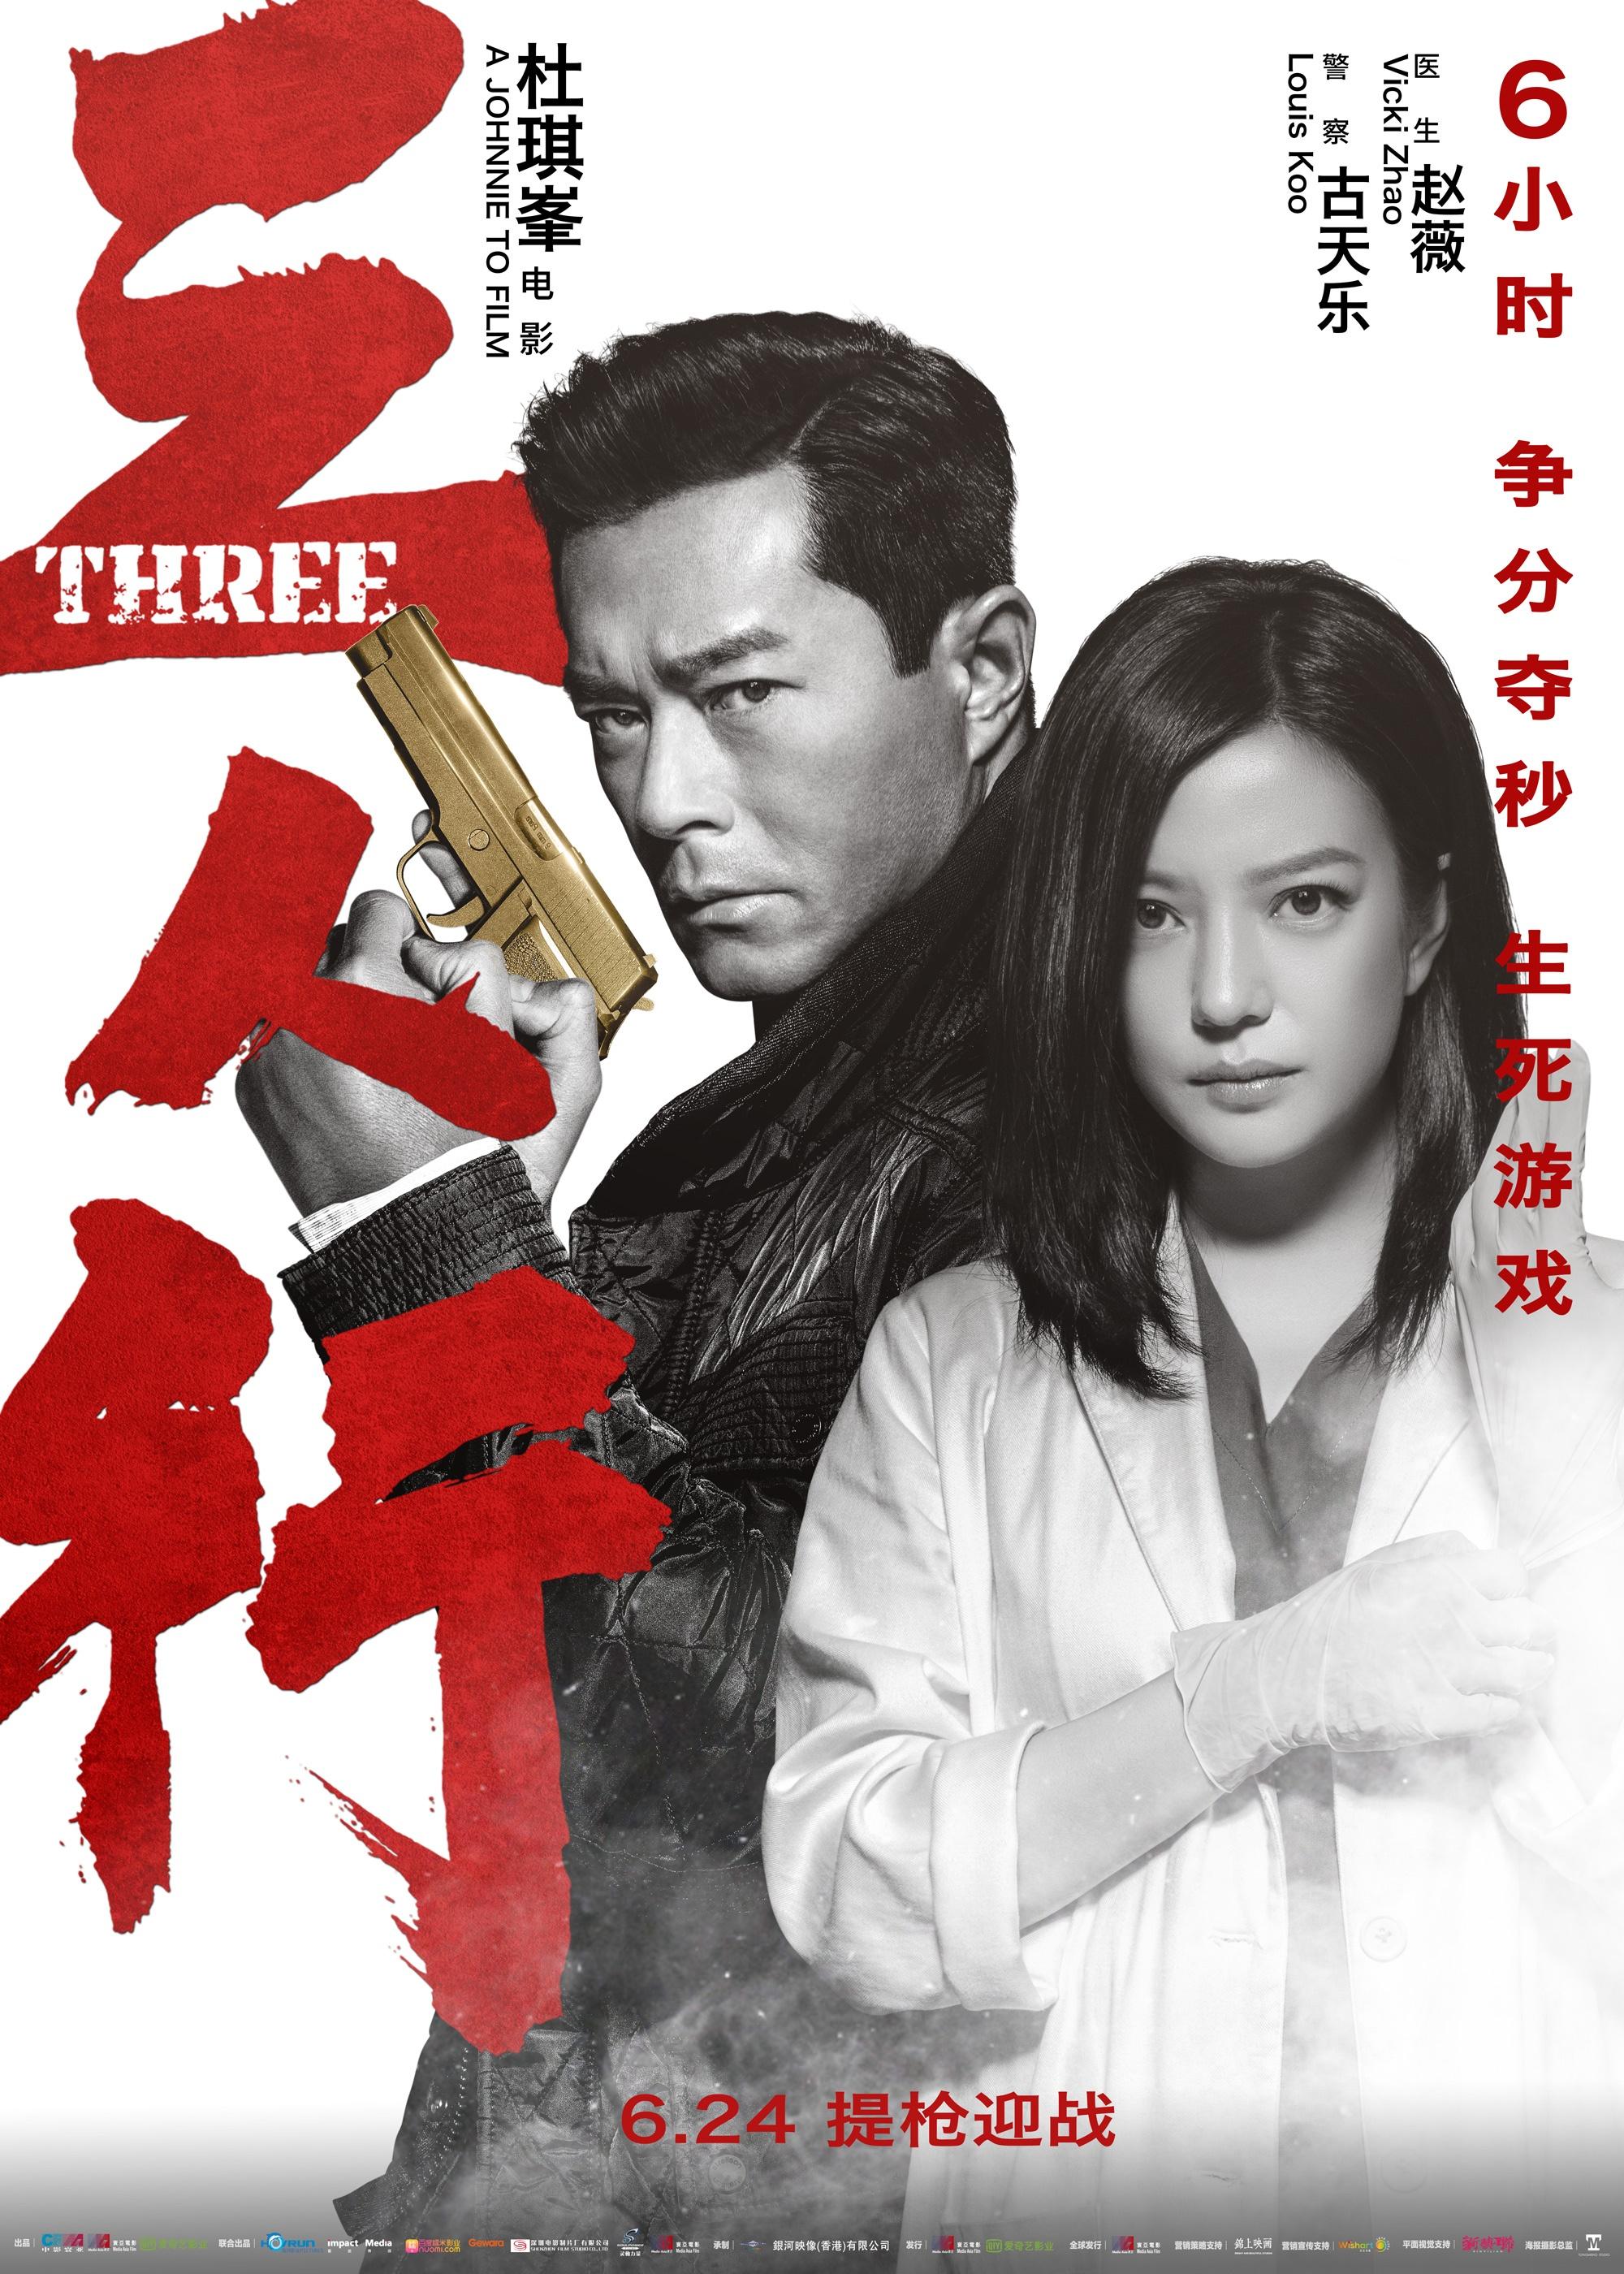 三人行_电影海报_图集_电影网_1905.com